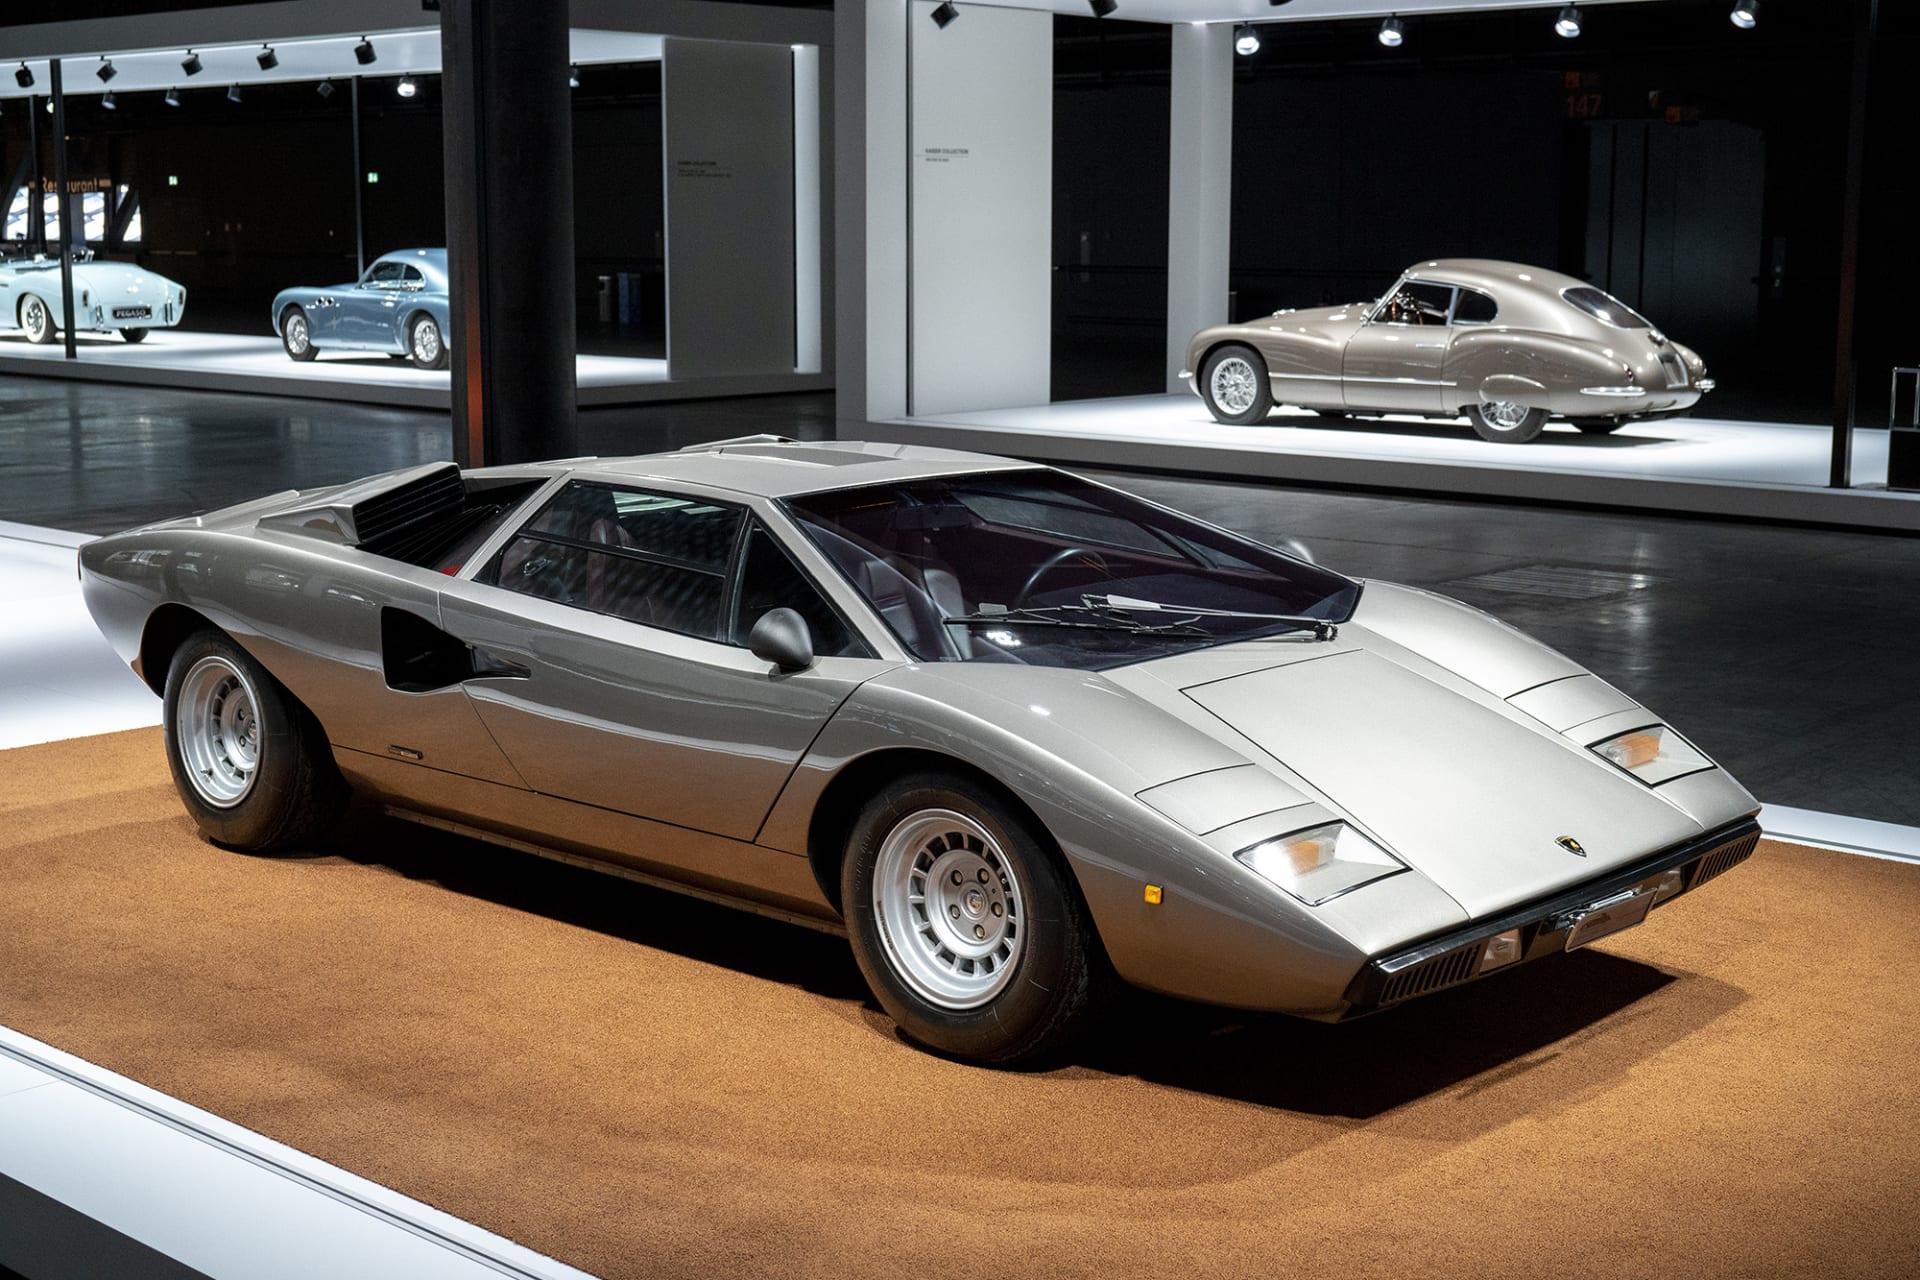 """Mästerverket och kanske världens mest kända bilikon är utan tvekan designern Marcello Gandini's Lamborghini Countach. Modellen visades upp för första gången på Geneves bilsalong 1971. Namnet uppstod då en av hantverkarna på fabriken spontant utbrast """"contacc"""" då han första gången såg bilen """"Contacc"""" är piedemontedialekt och kan fritt översättas med """"wow"""". 1974 rullade den färdiga bilen ut från fabriken och kunde redan då uppnå en hastighet på 300 kilometer i timmen tack vare sin form och den kraftfulla V12-motorn."""